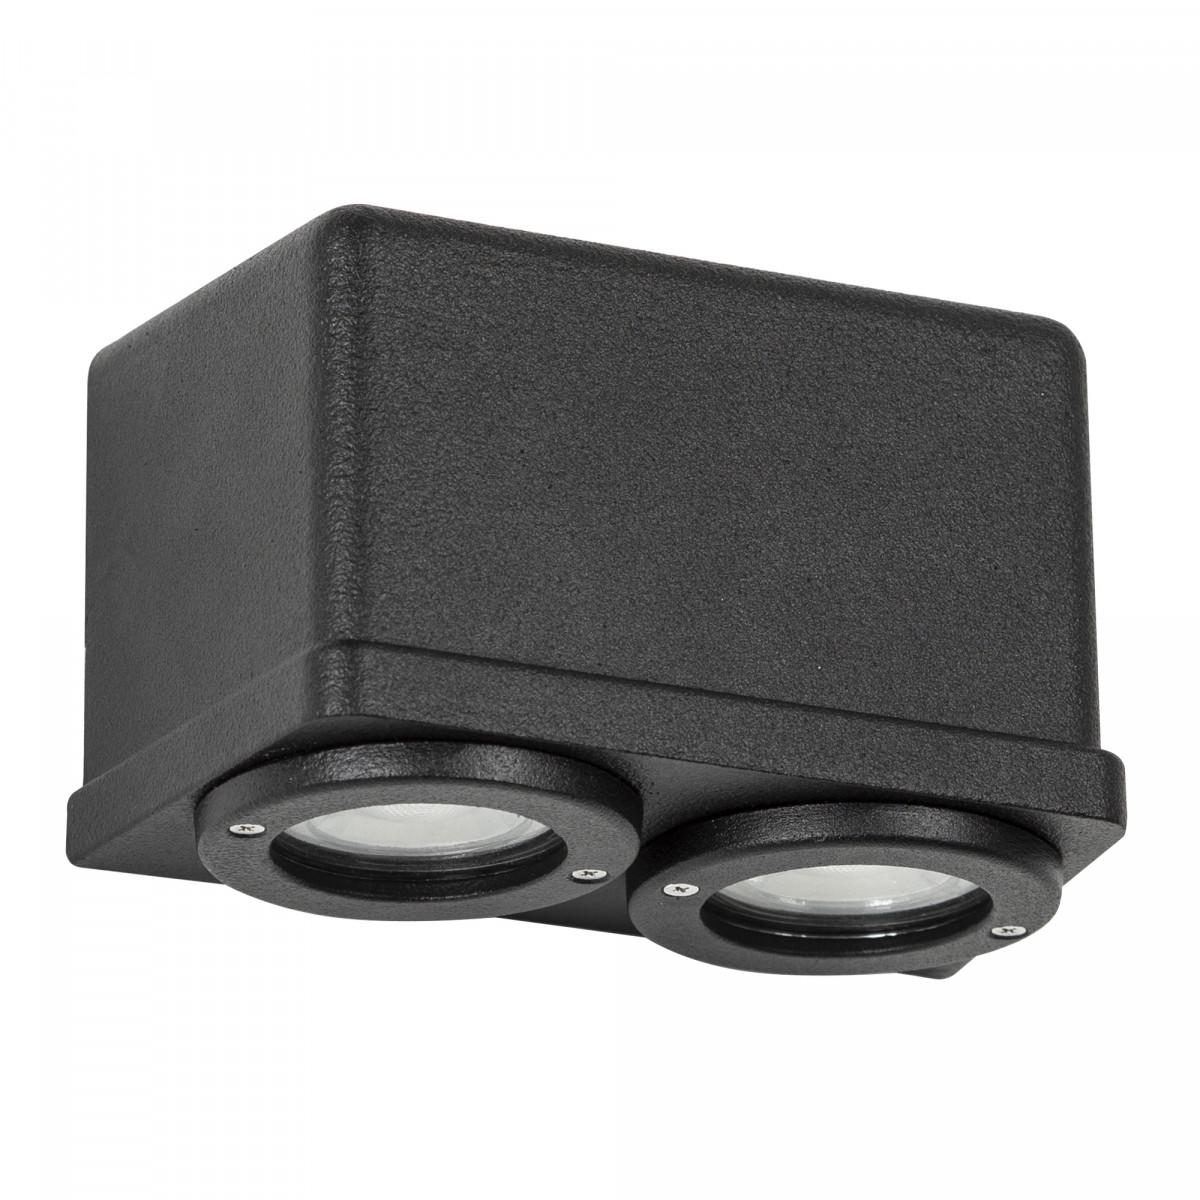 Stoere zwarte buitenlamp met 2 lichtbundels, vlakke montage aan de wand, mooi industrieel strak vormgegeven, hoogwaardige kwaliteit handmade buitenverlichting van het merk KS Verlichting